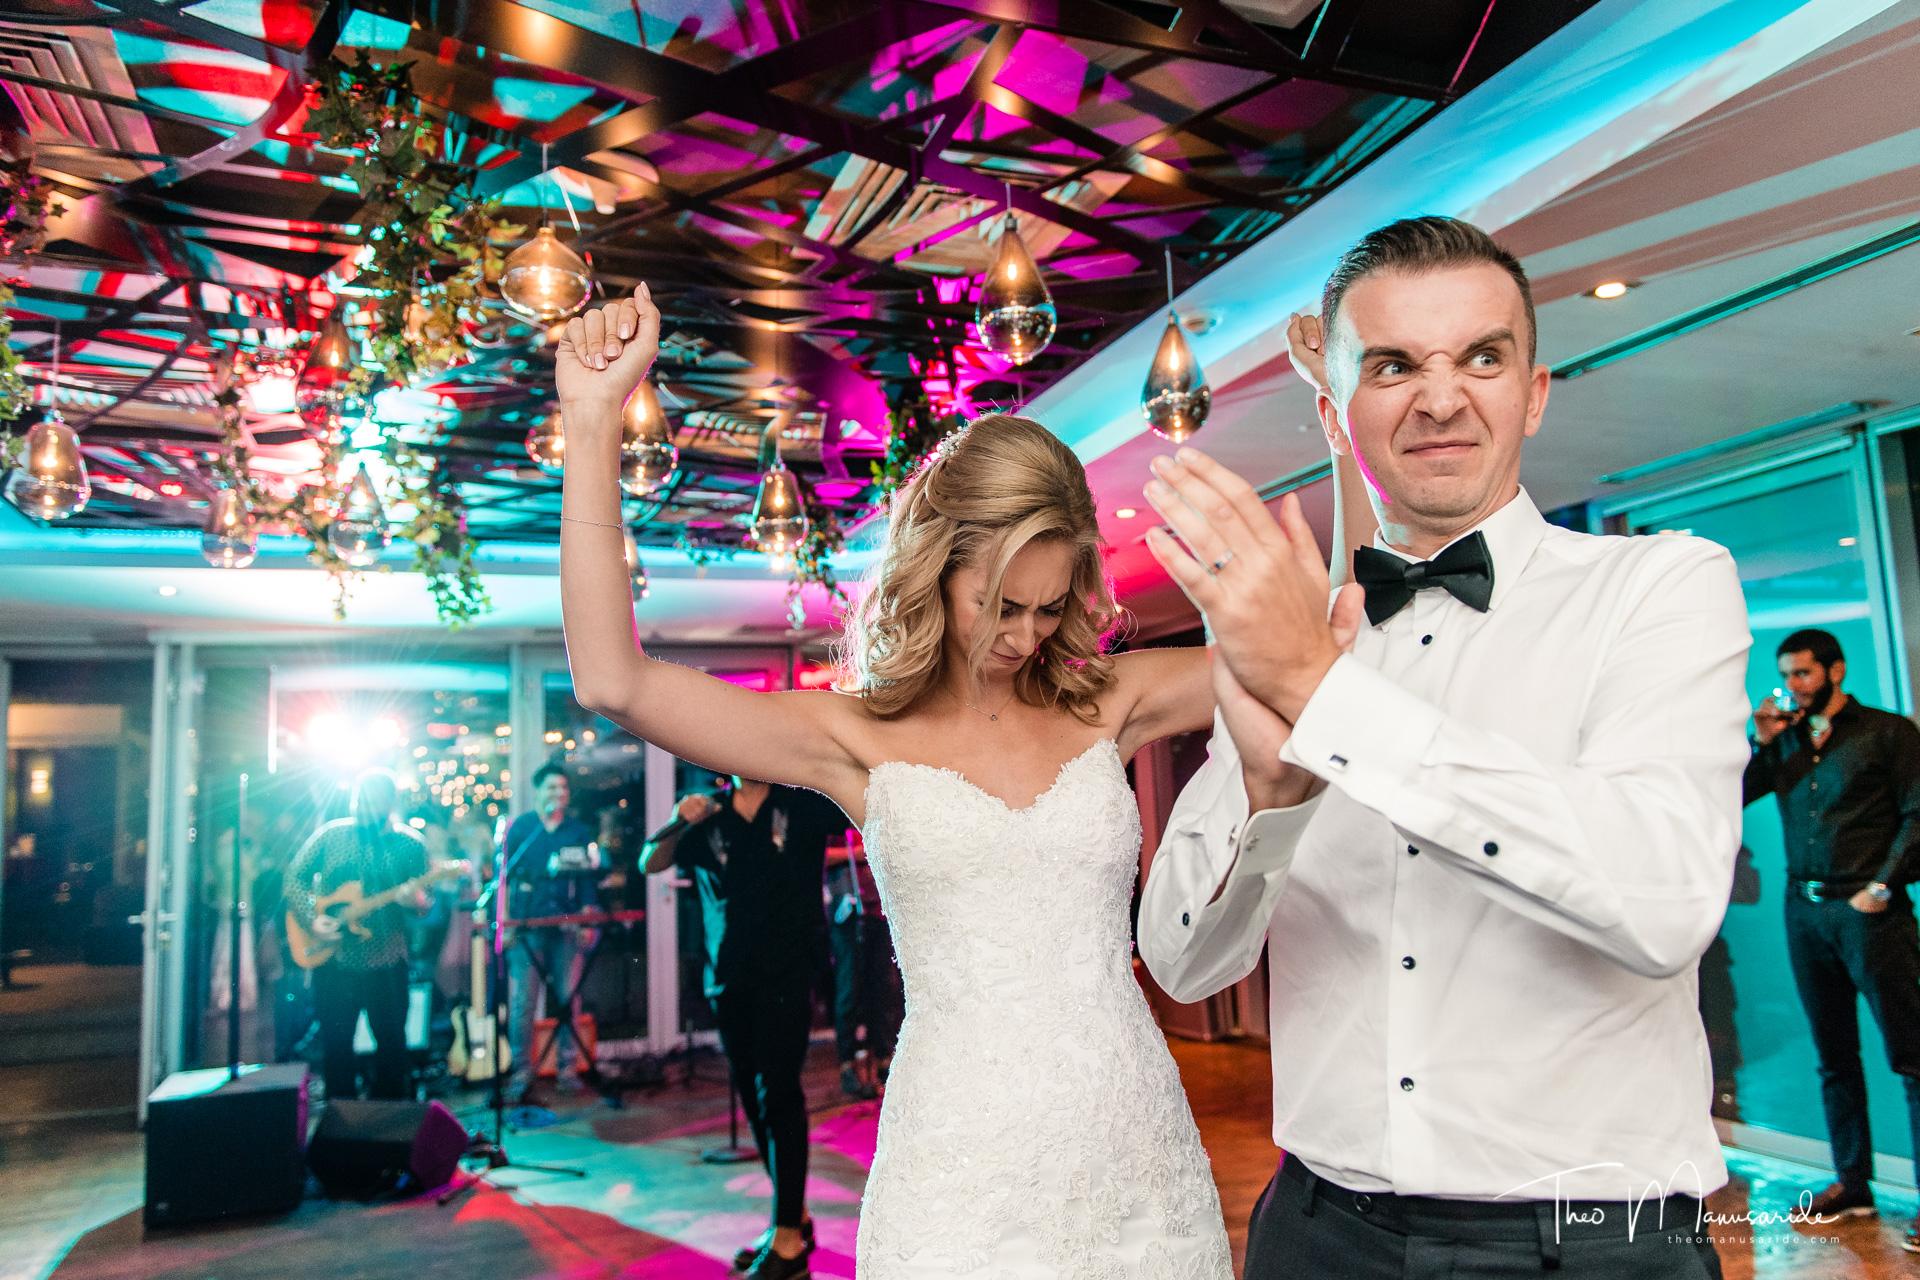 fotograf-nunta-18-lounge-22